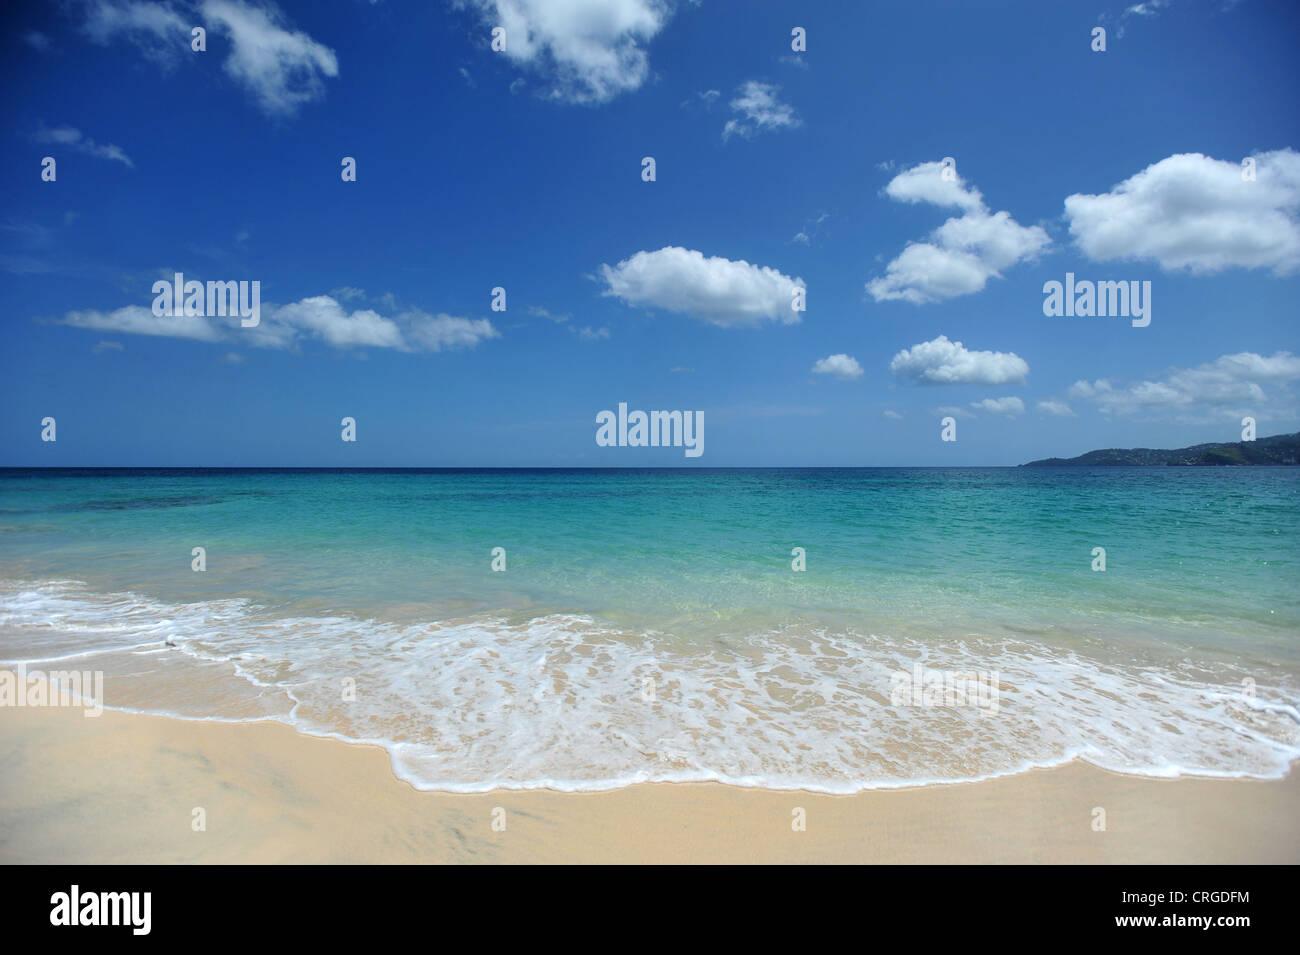 Der Blick auf das Meer von Grand Anse Beach, Grenada, Karibik Stockbild